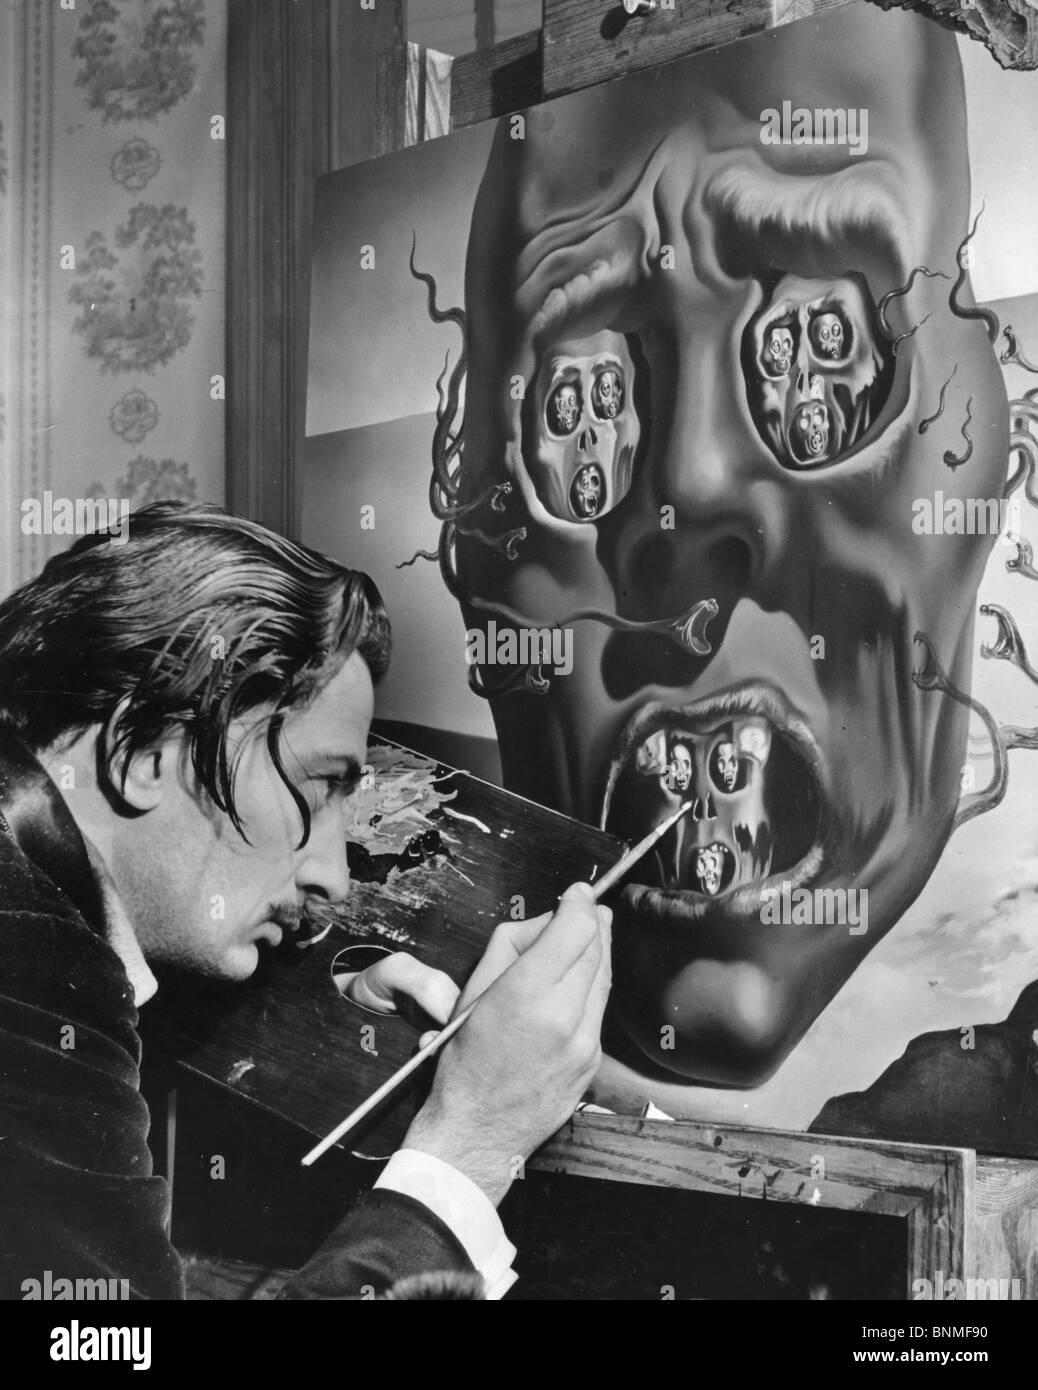 Le Visage De La Guerre Dali : visage, guerre, SALVADOR, (1984-1989), Artiste, Espagnol, Travaillant, Tableau, Visage, Guerre, États-Unis, Description, Ci-dessous, Photo, Stock, Alamy